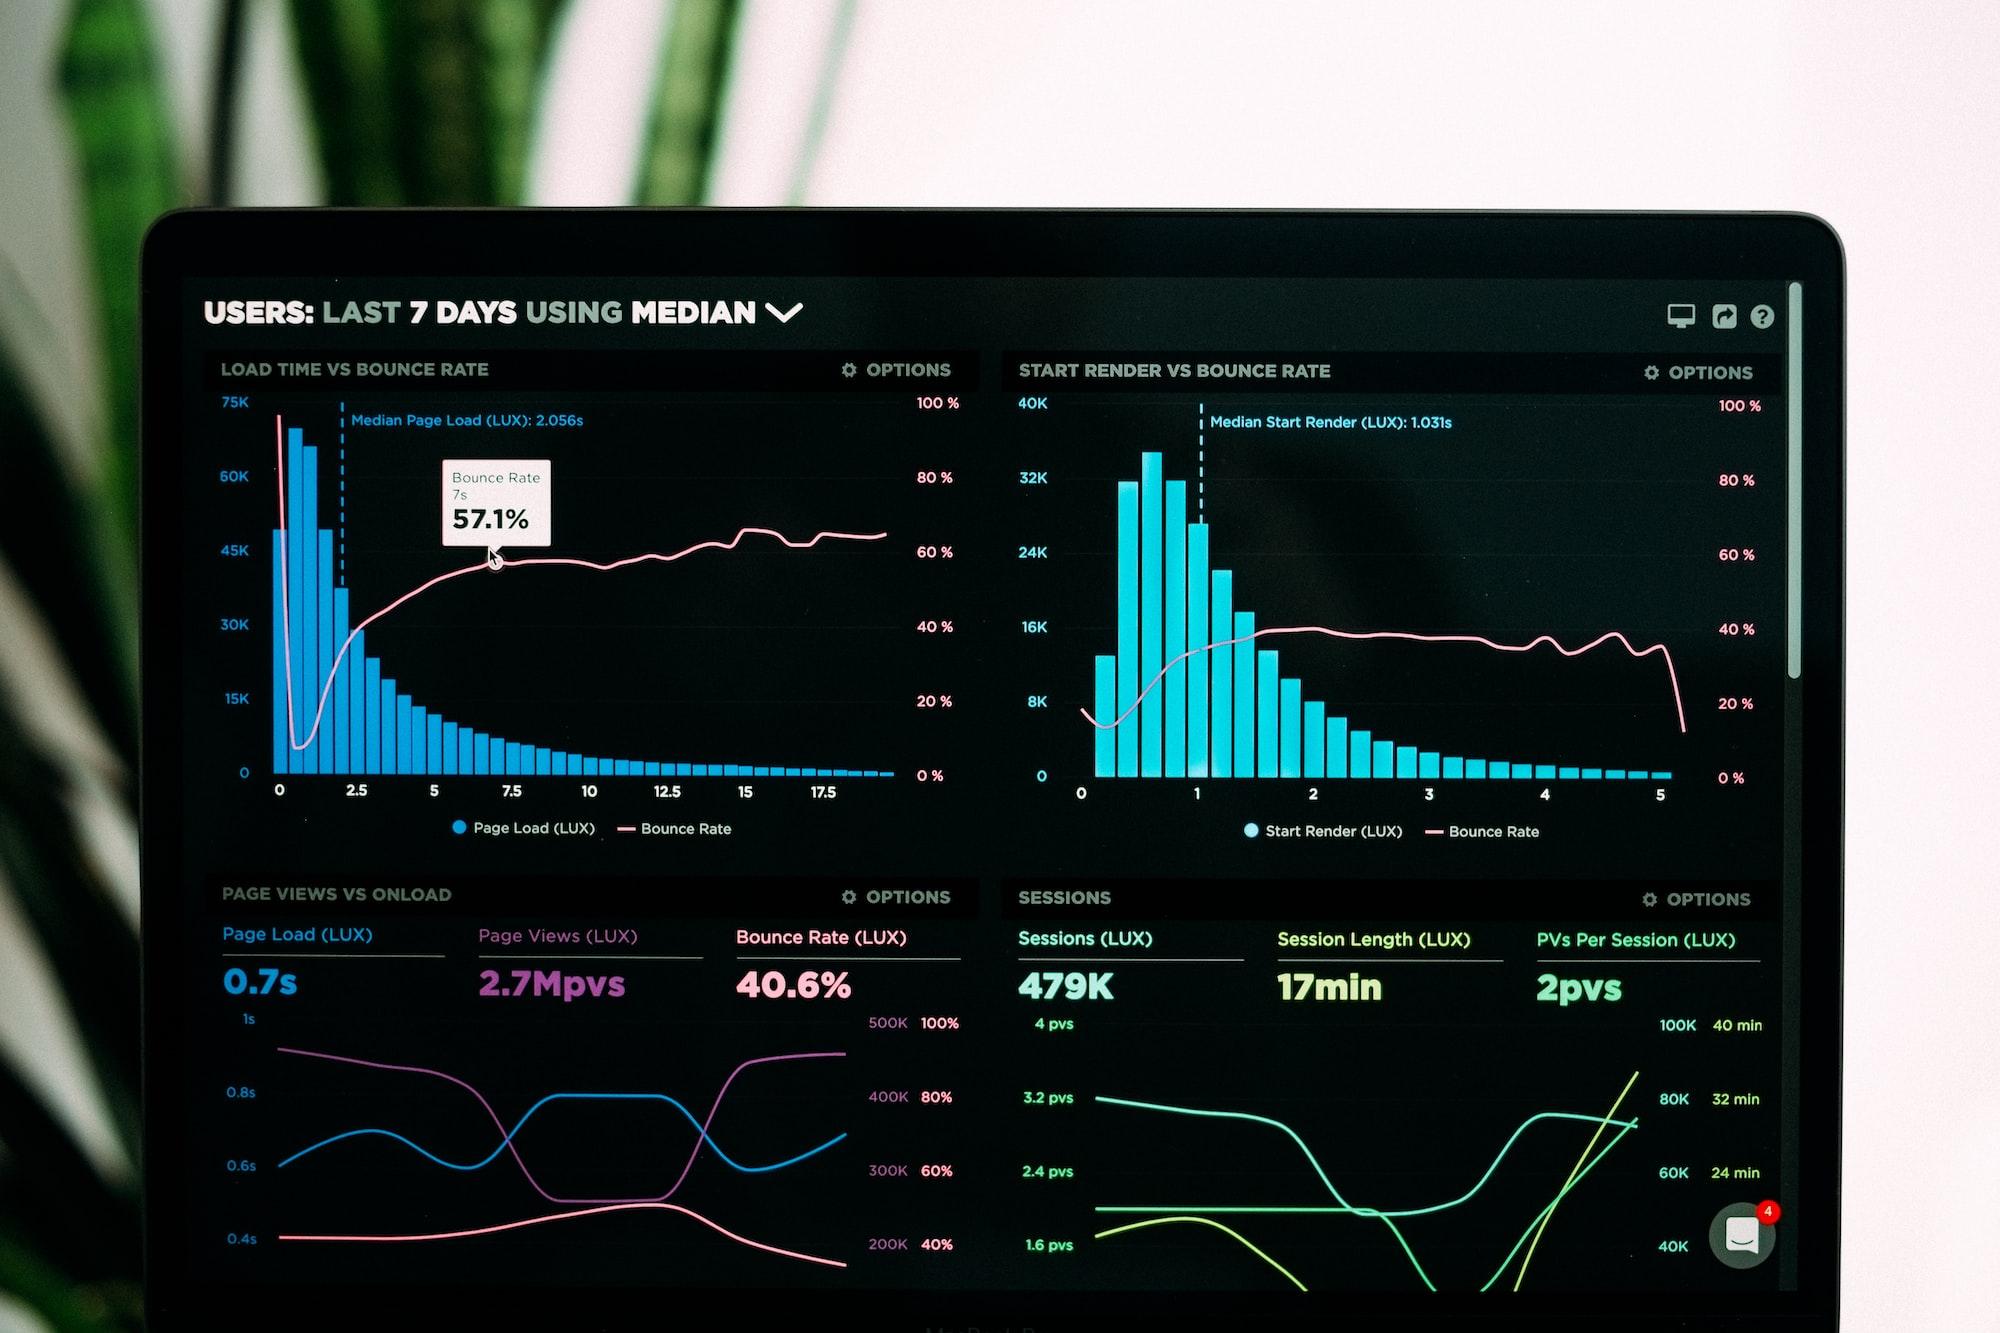 ¿Por qué es importante tener analítica avanzada de datos?